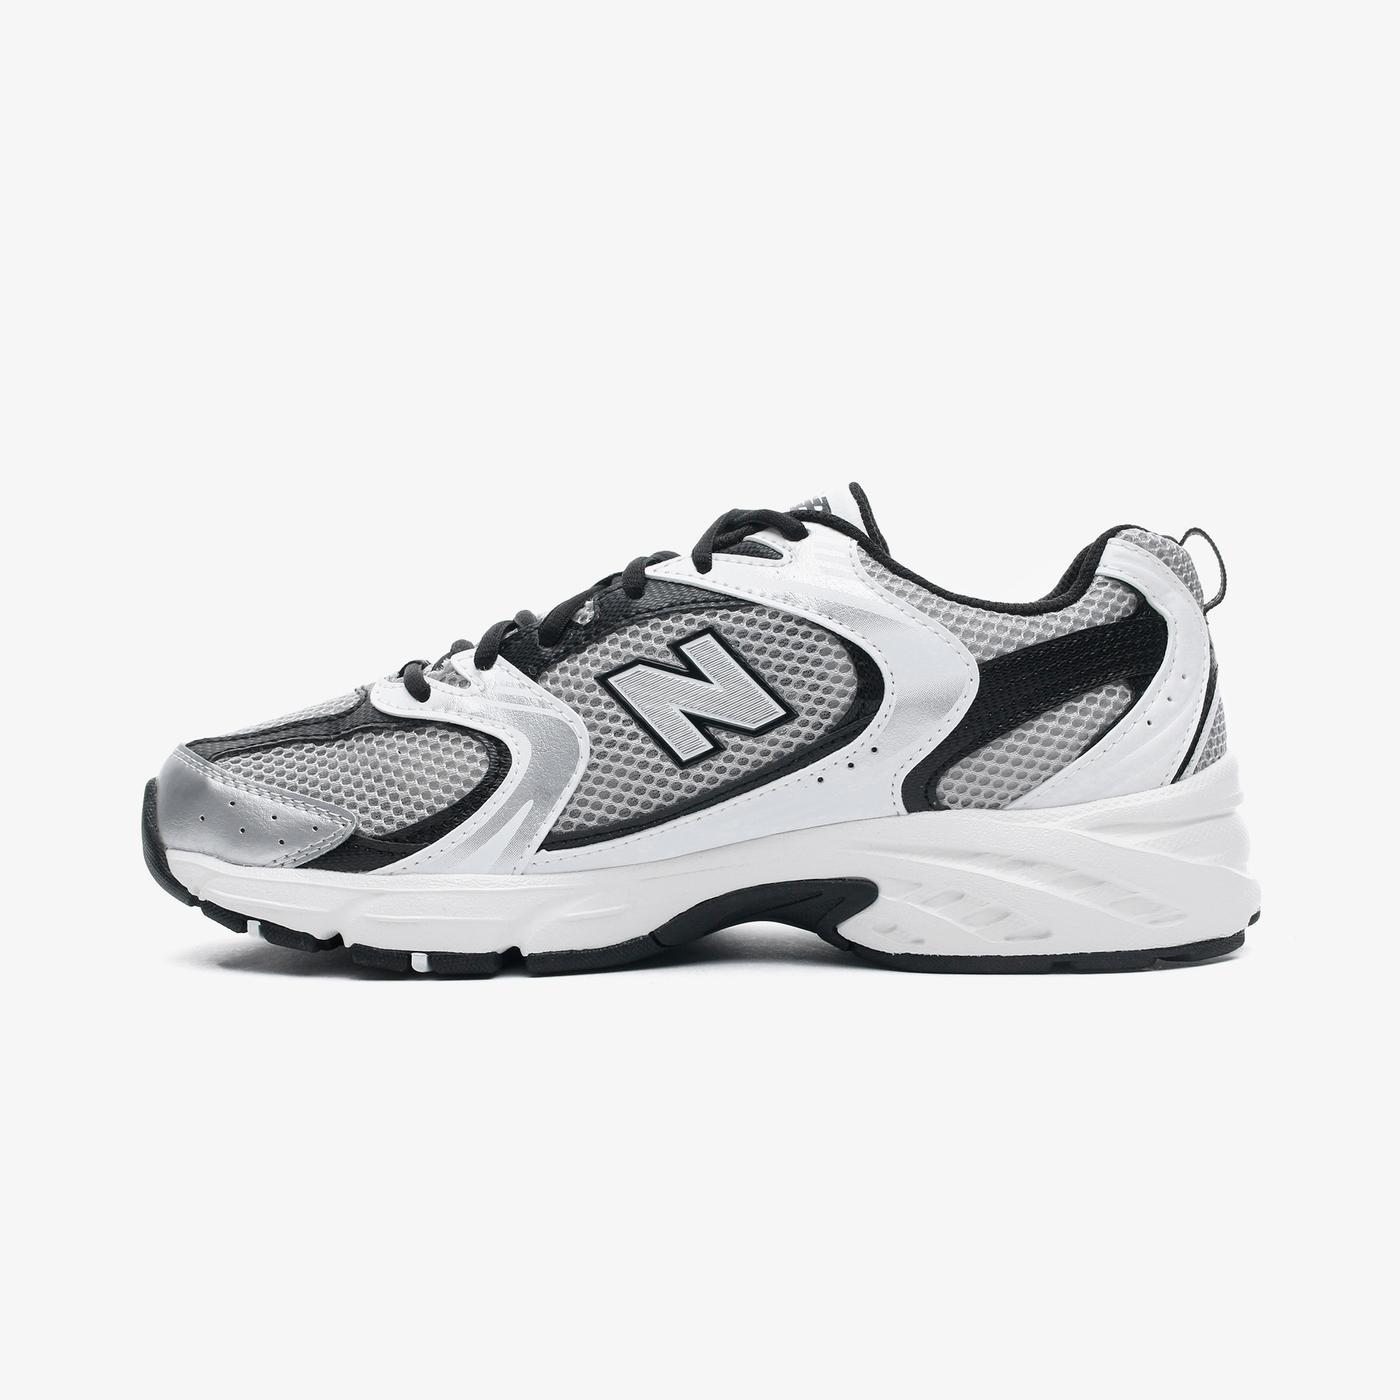 New Balance 530 Erkek Gri Spor Ayakkabı